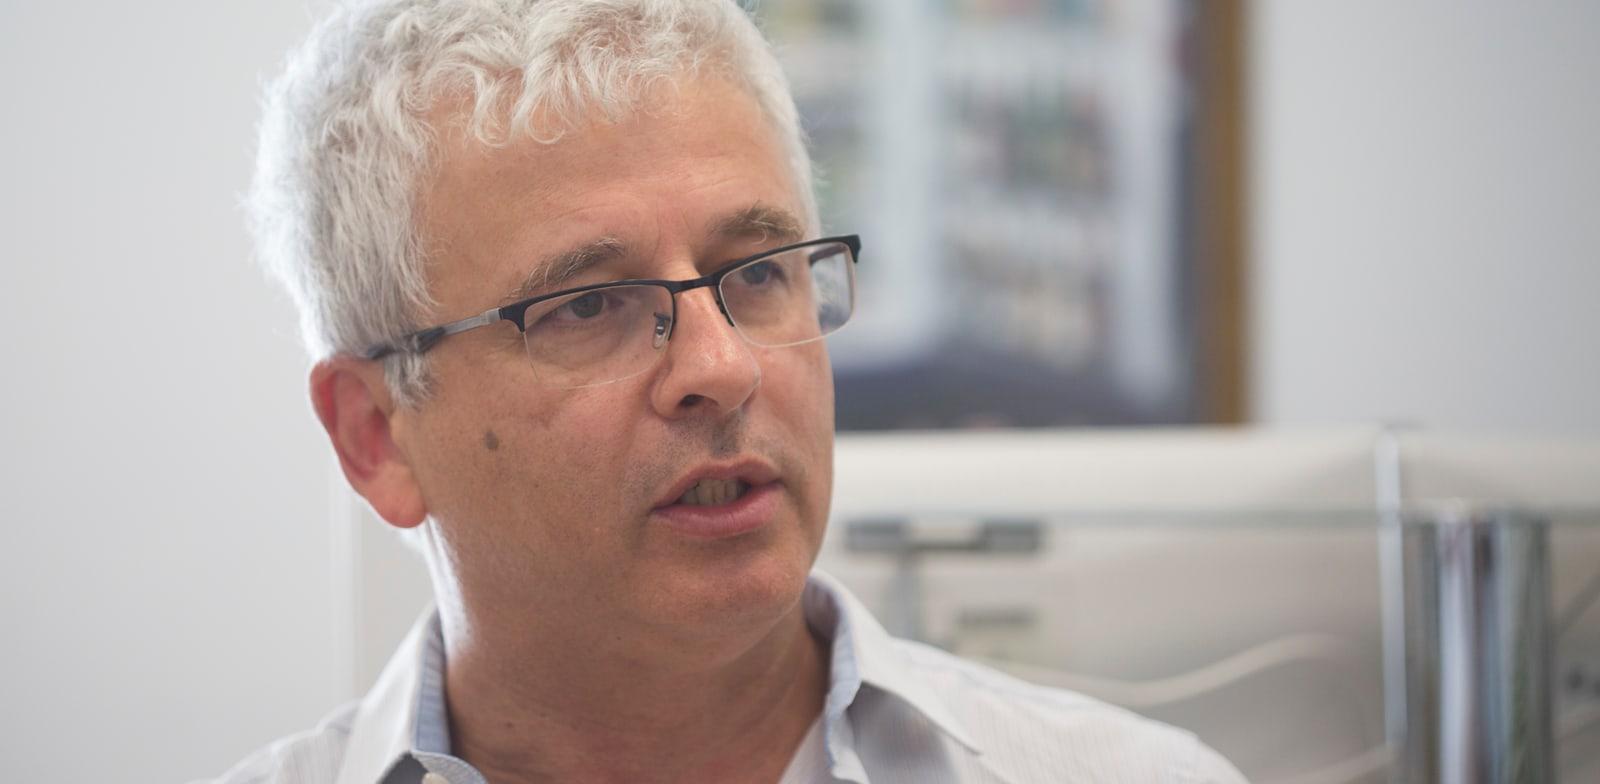 אנדרו אביר, המשנה לנגיד בנק ישראל. עומד בראש הוועדה / צילום: ליאור מזרחי